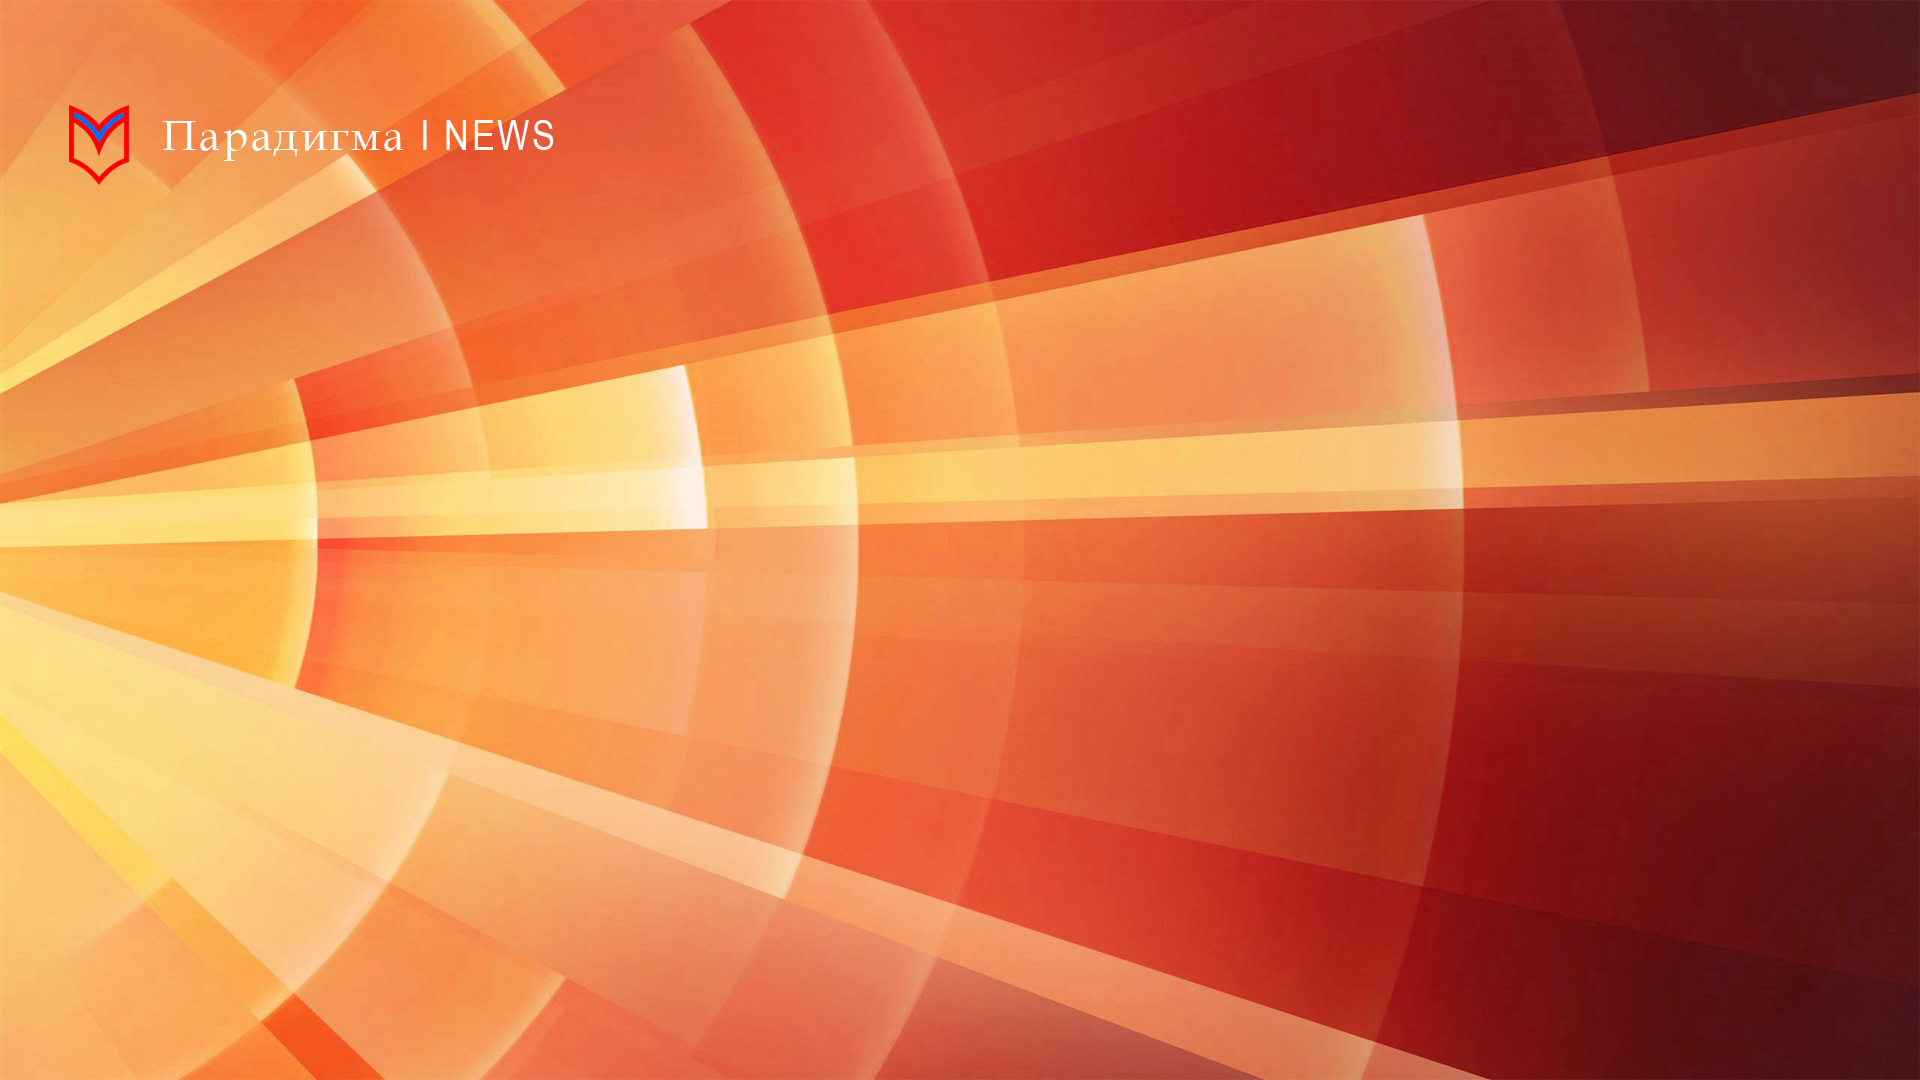 Министр просвещения Сергей Кравцов обсудил вопросы образования и воспитания школьников с Уполномоченным при Президенте по правам ребёнка Анной Кузнецовой